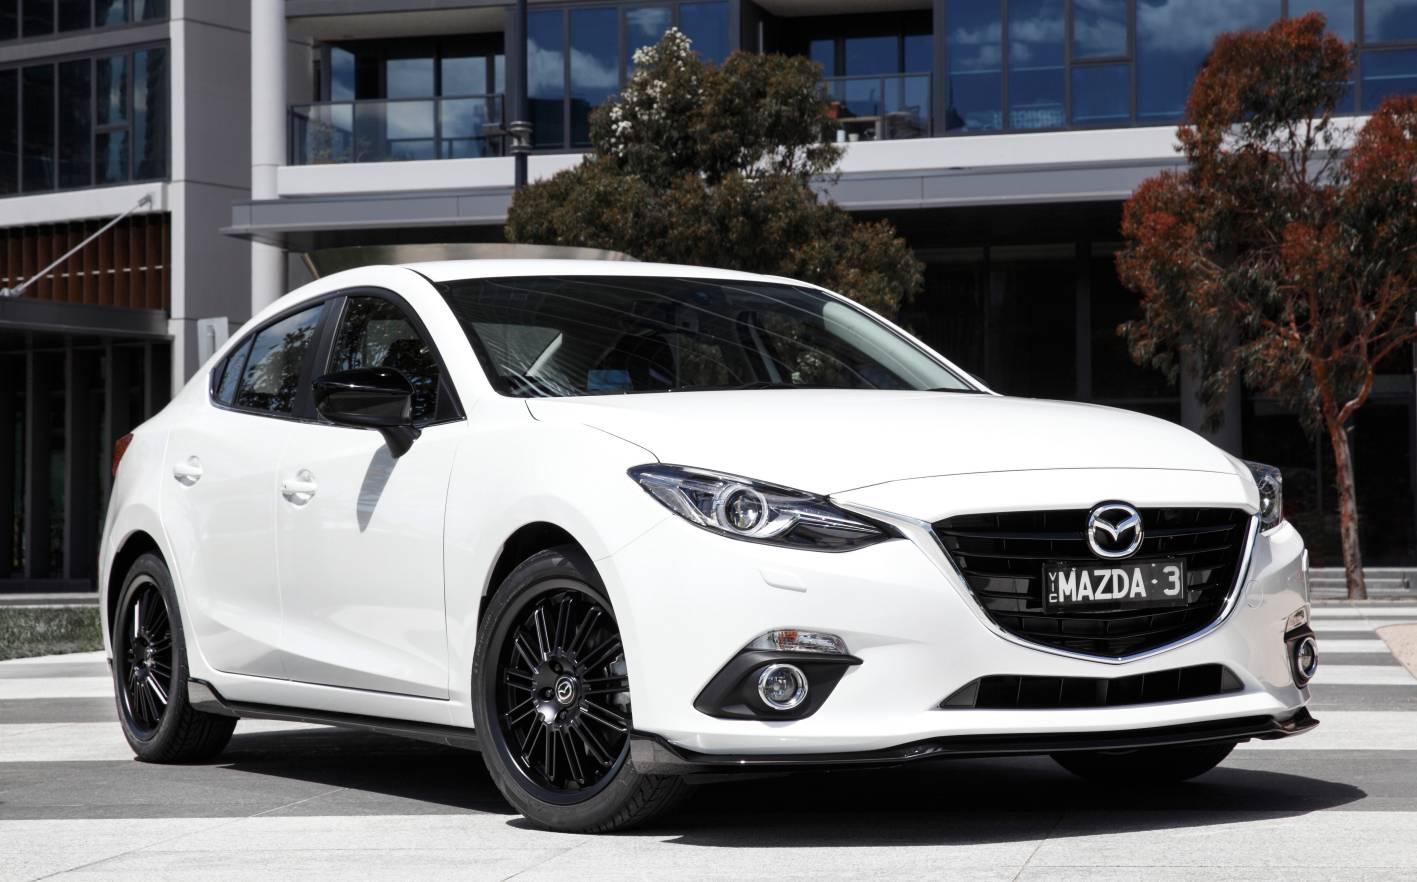 White Rims Mazda 3 White Rims